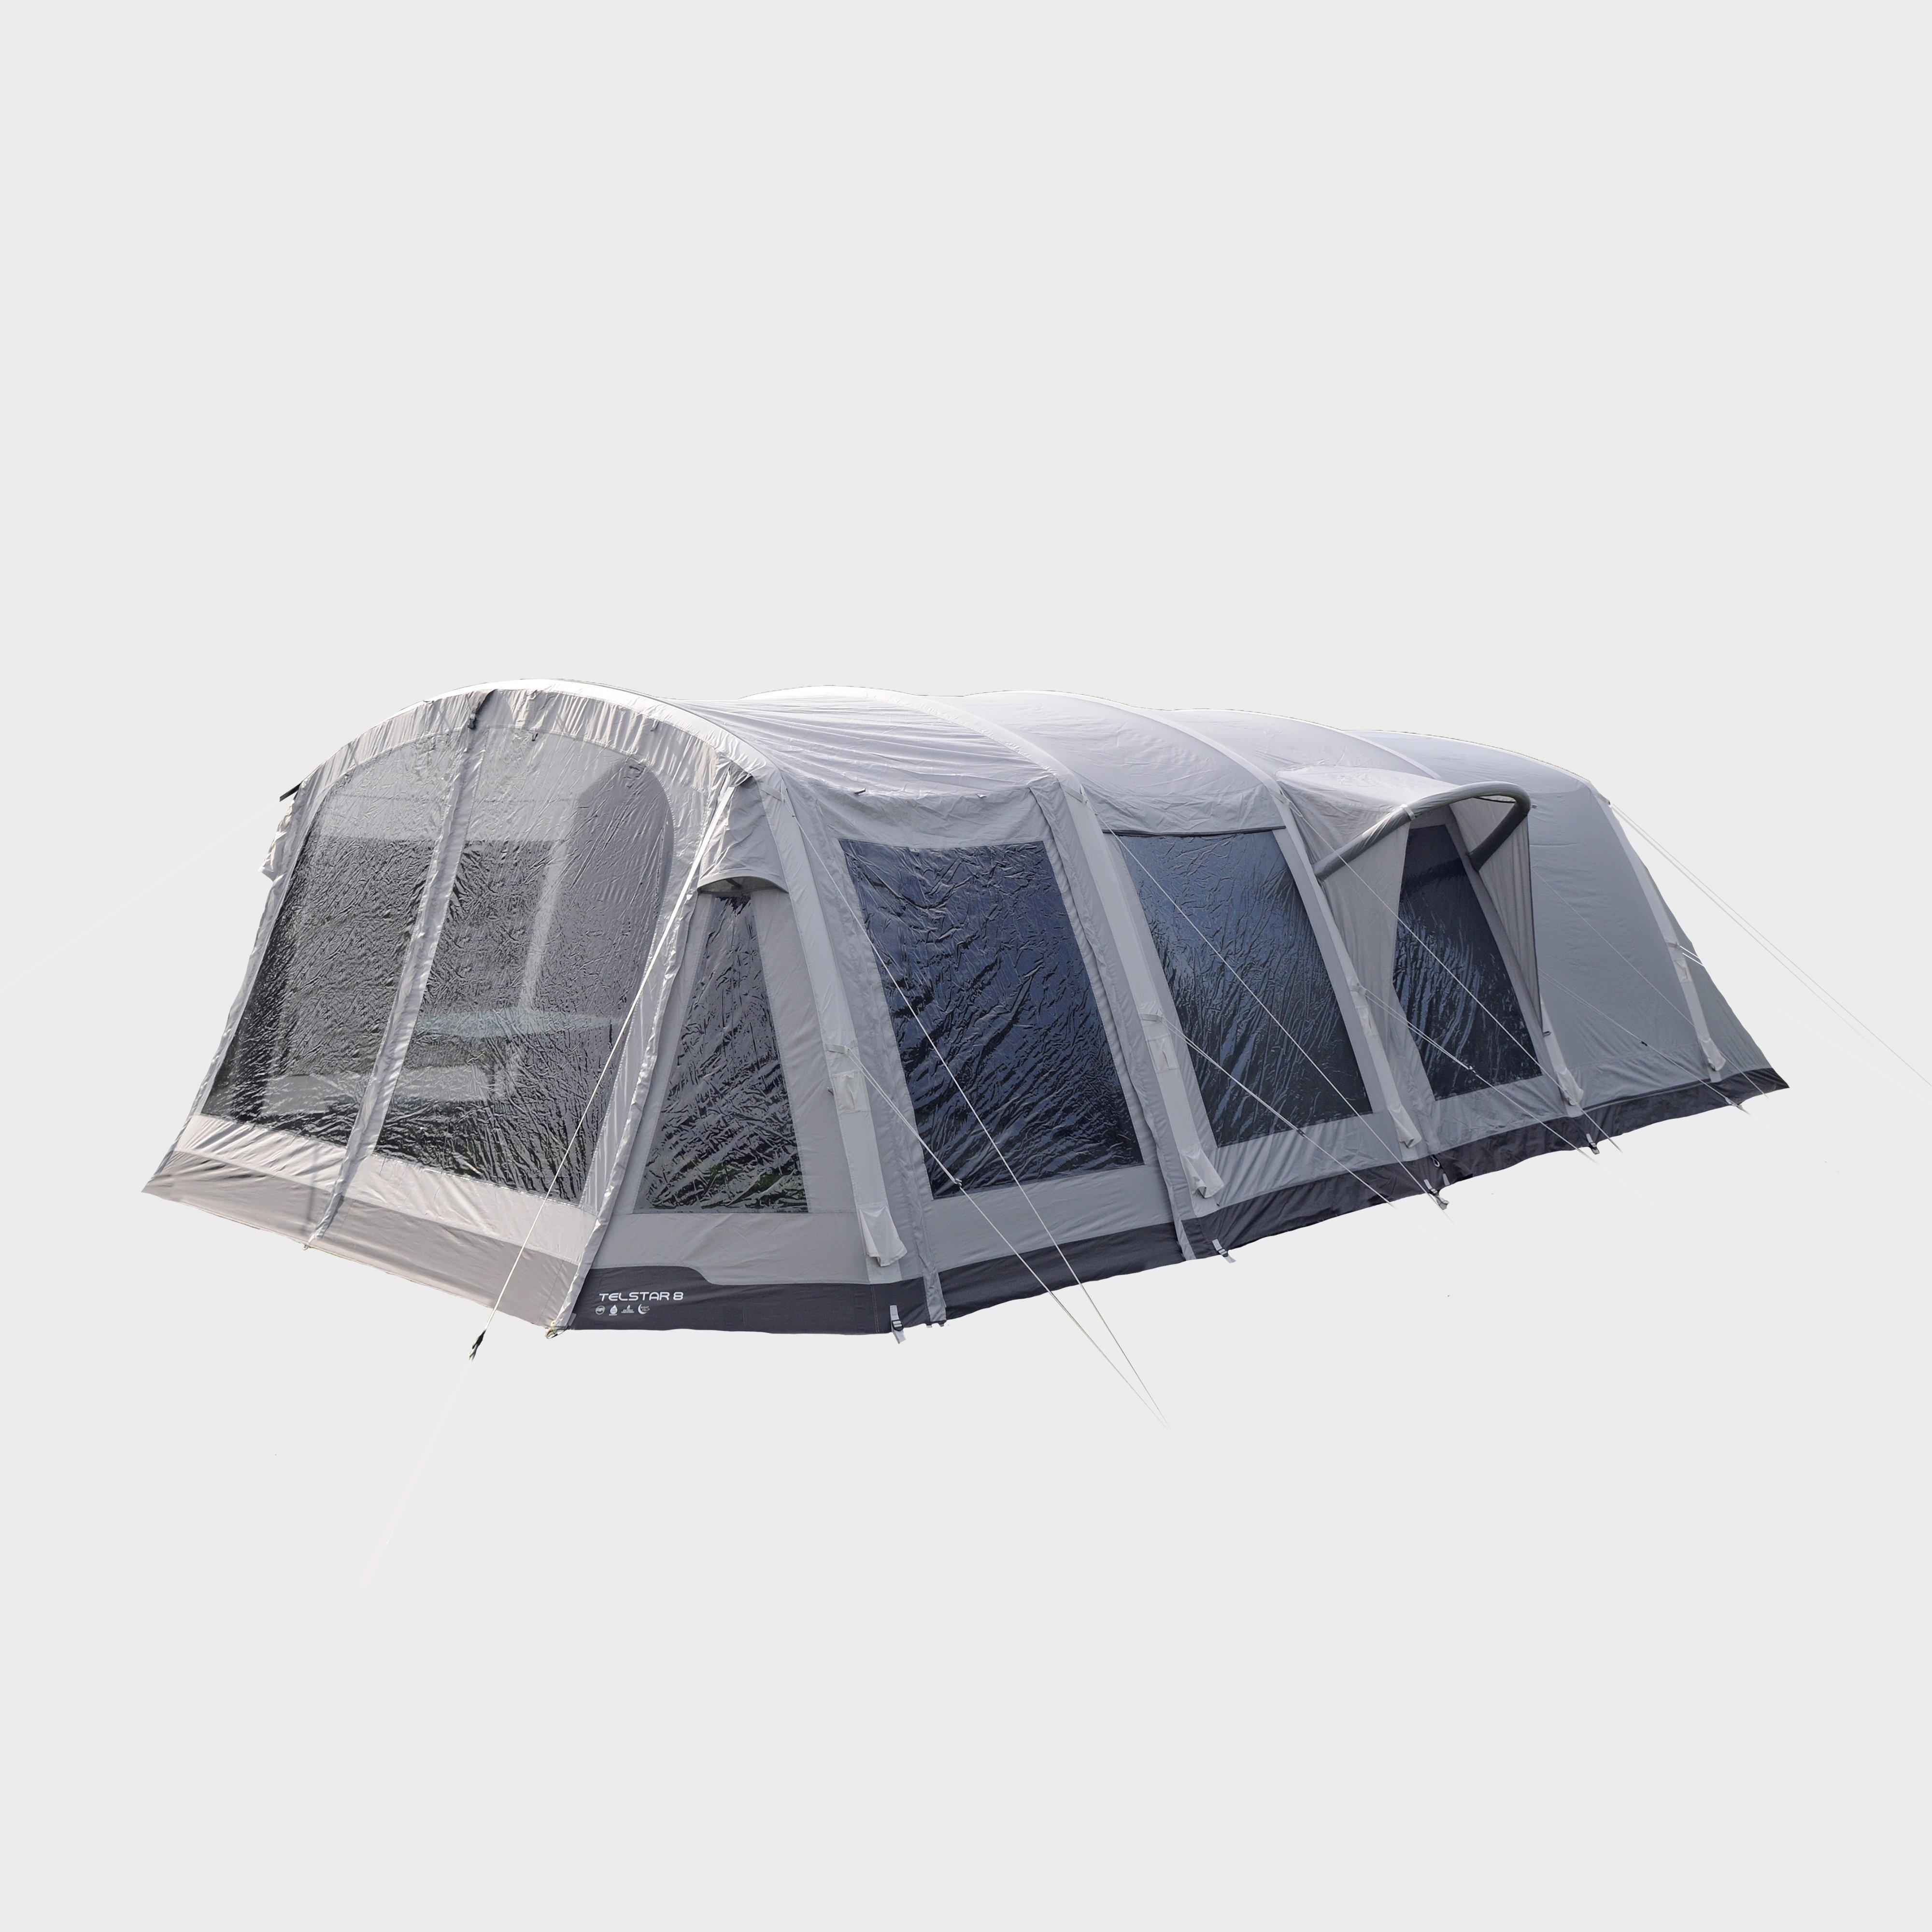 Berghaus Telstar 8 Nightfall Air Tent, Grey